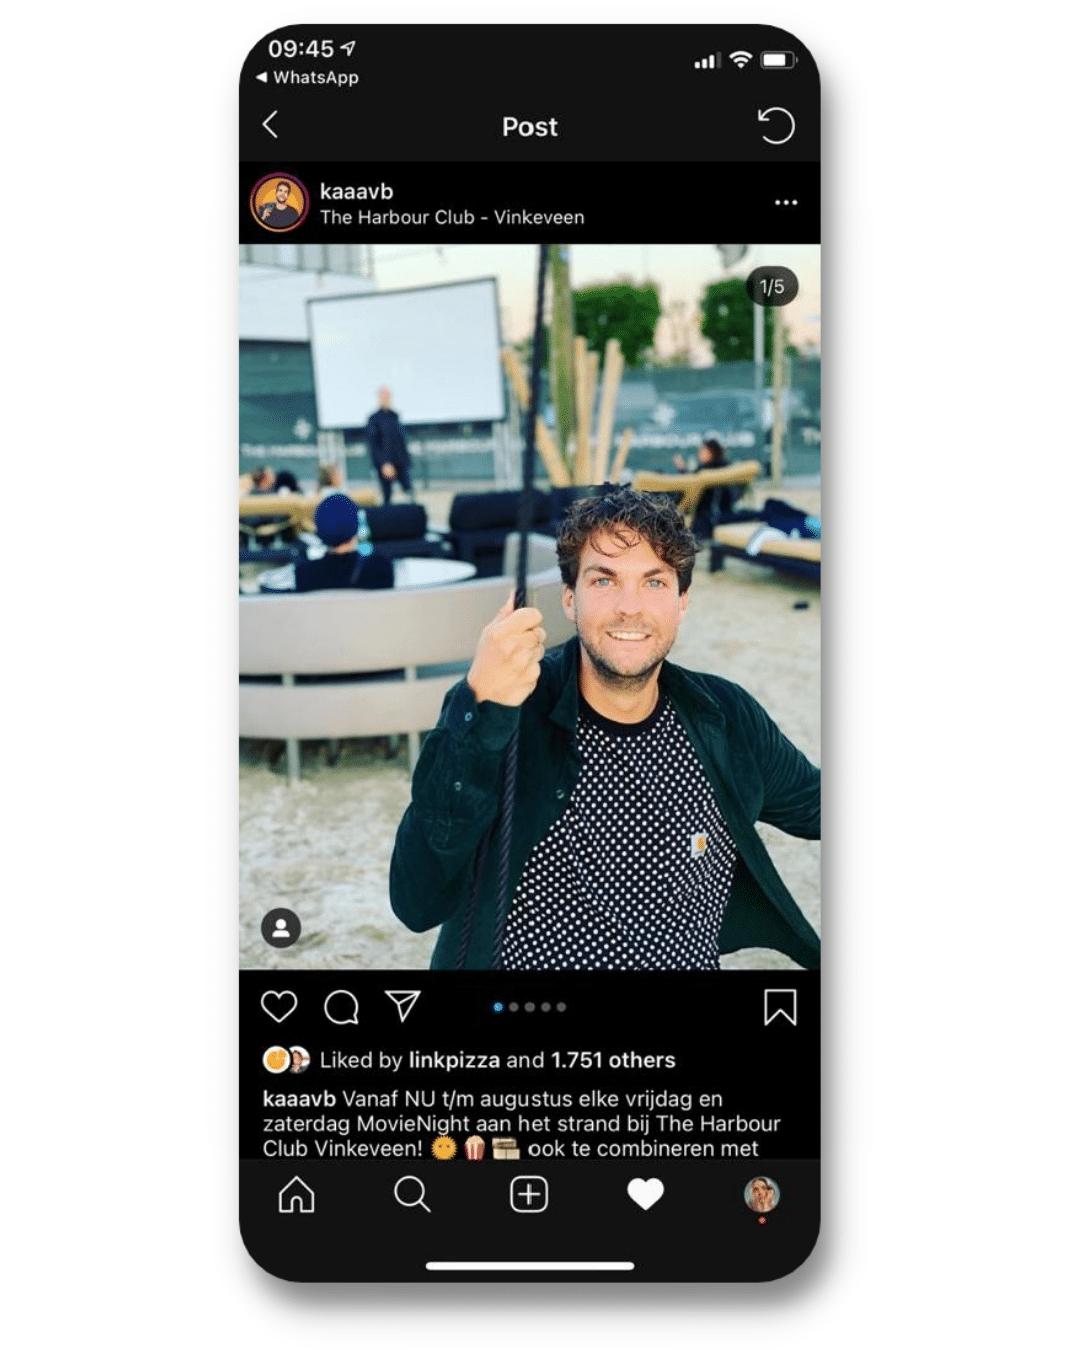 Instagram influencers the Harbourclub